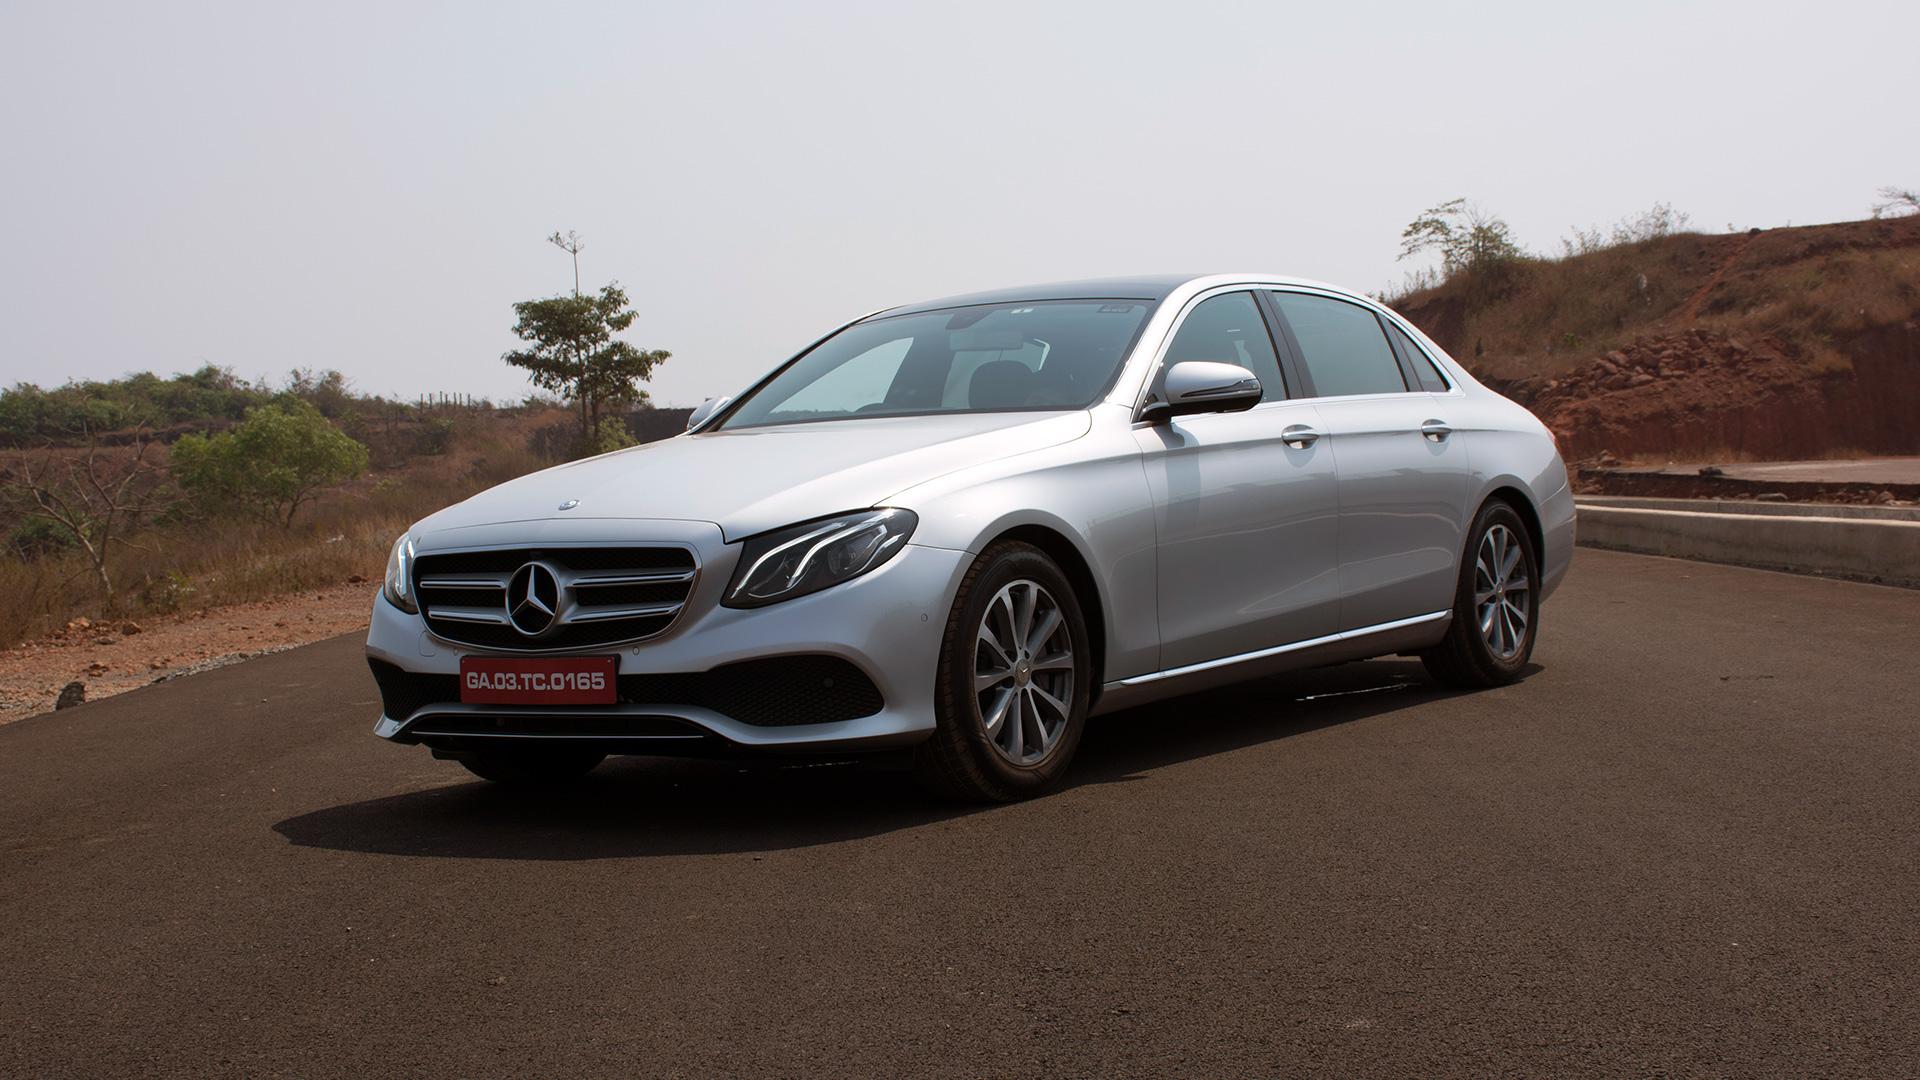 Mercedes Benz-Eclass 2017 E 350 LWB Diesel Compare